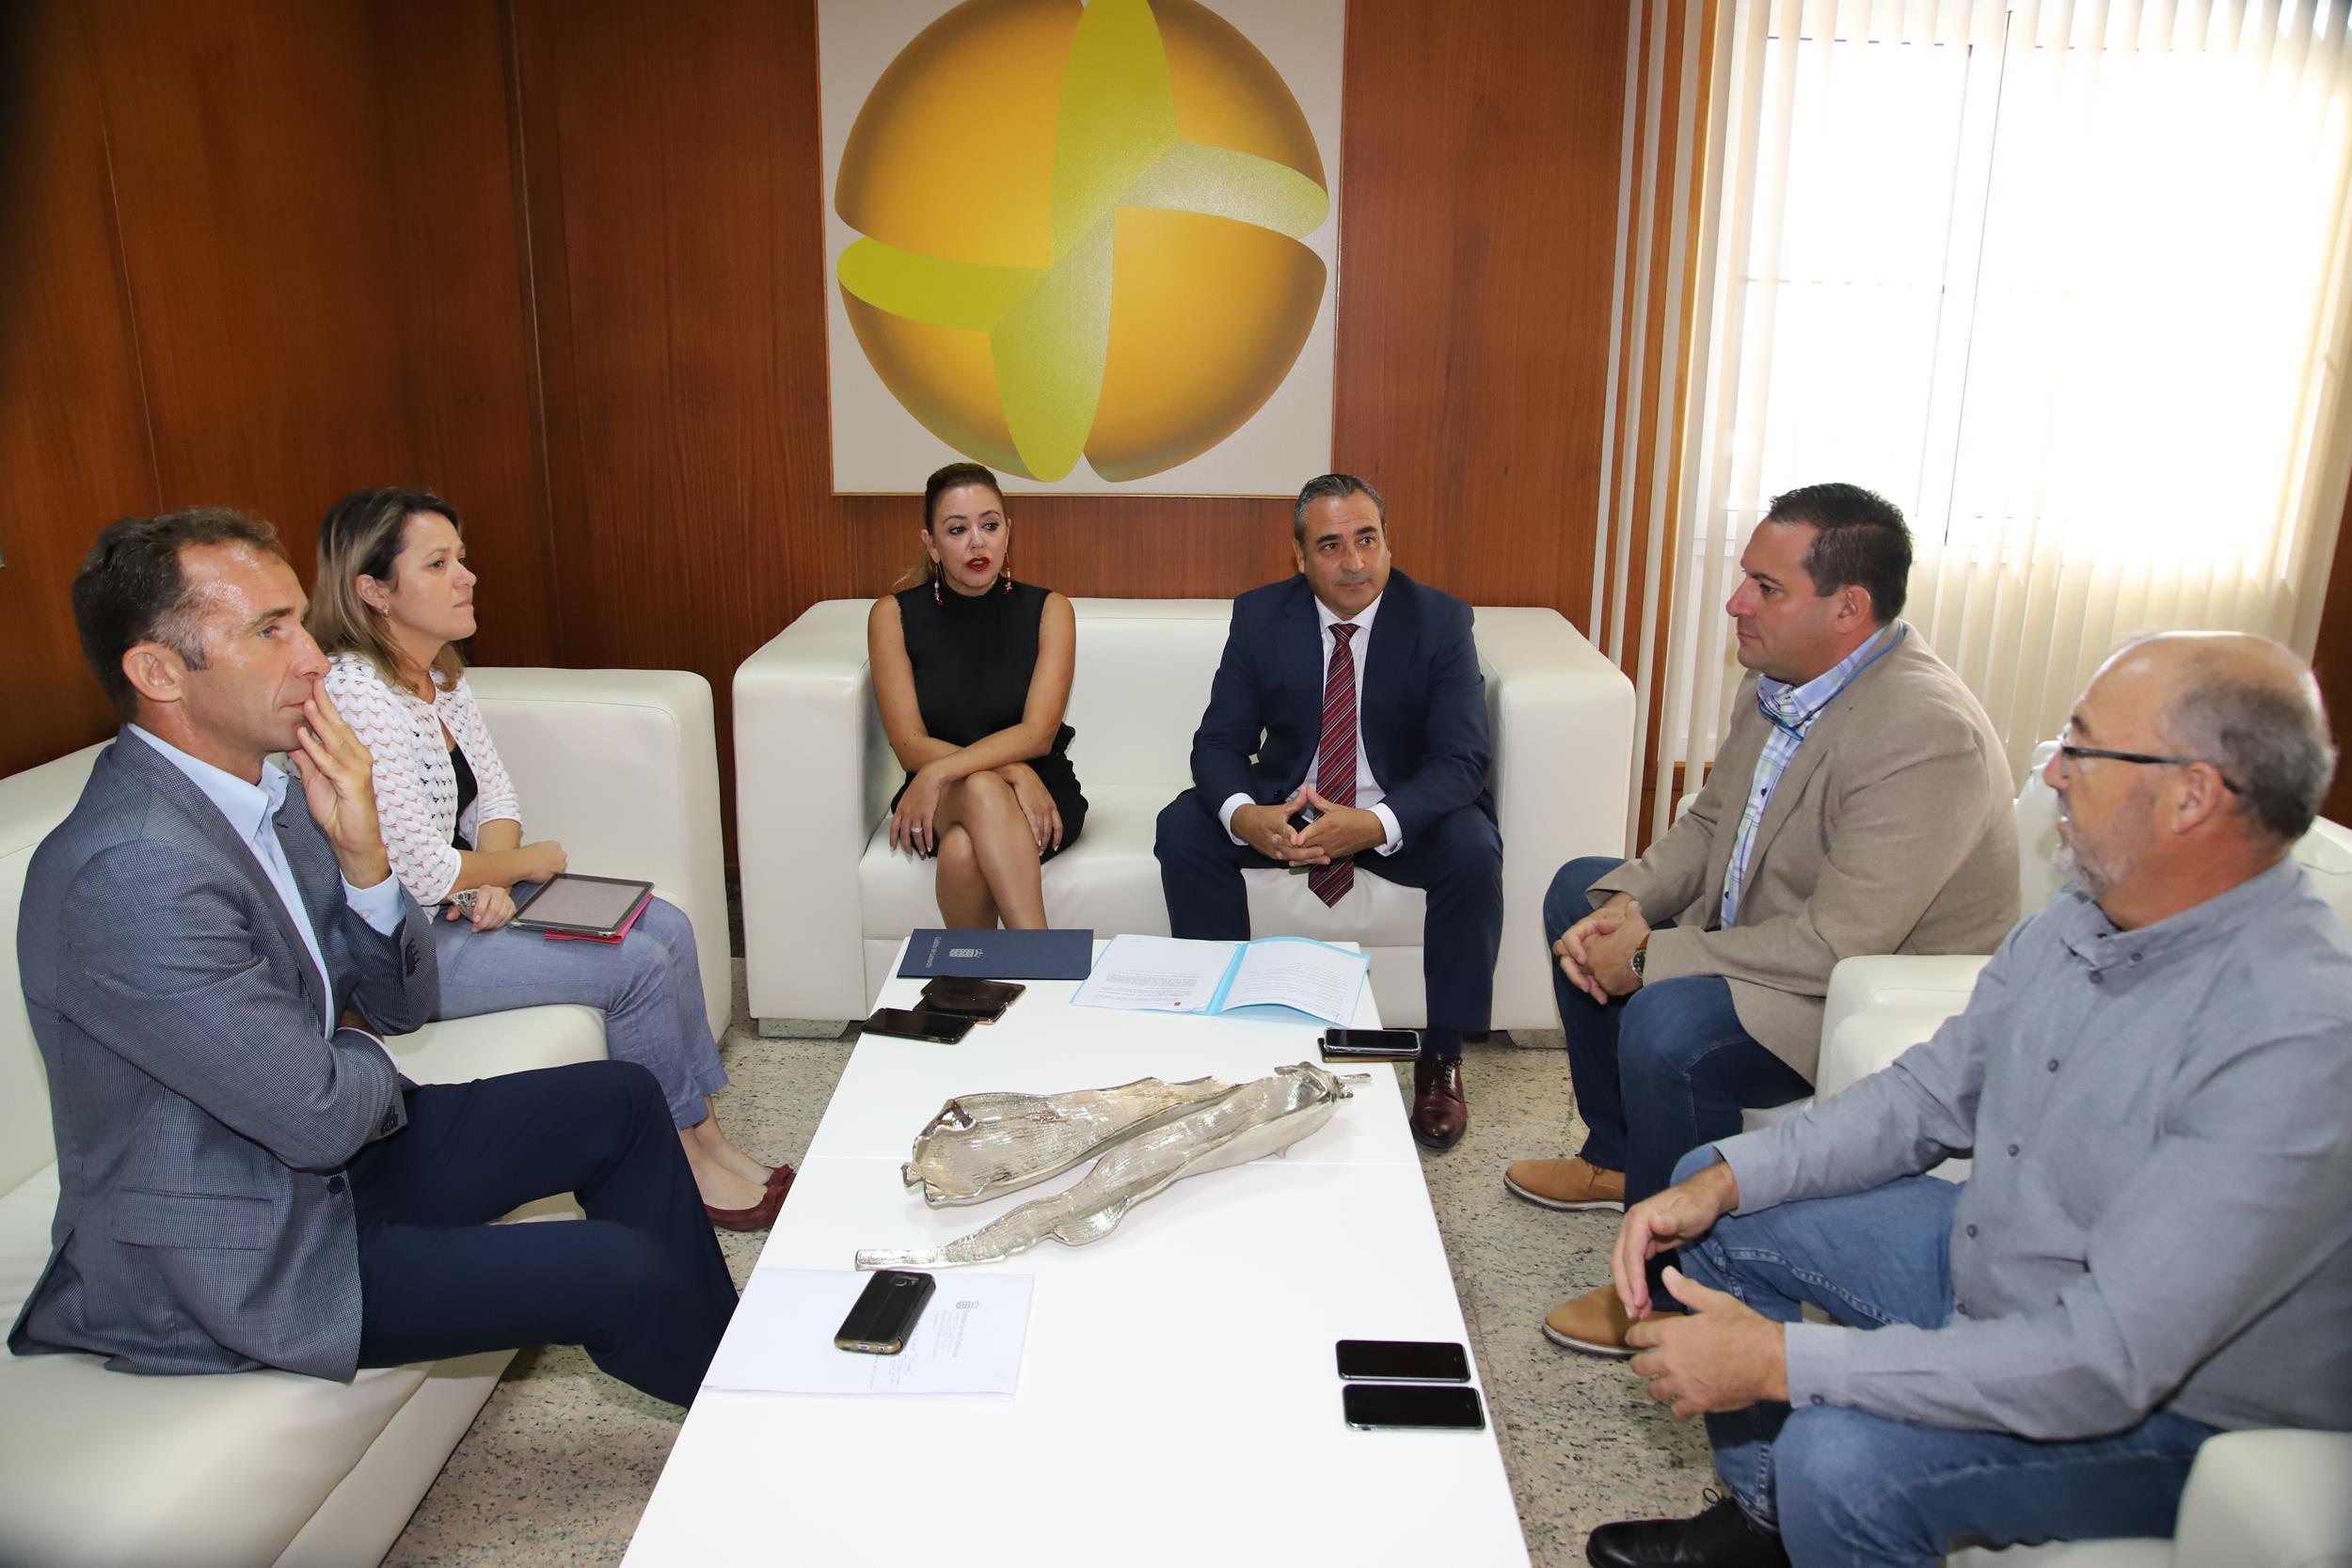 Gobierno de Canarias y Cabildo de Lanzarote abordan la problemática de la viña y la dificultad de acceso al agua de riego